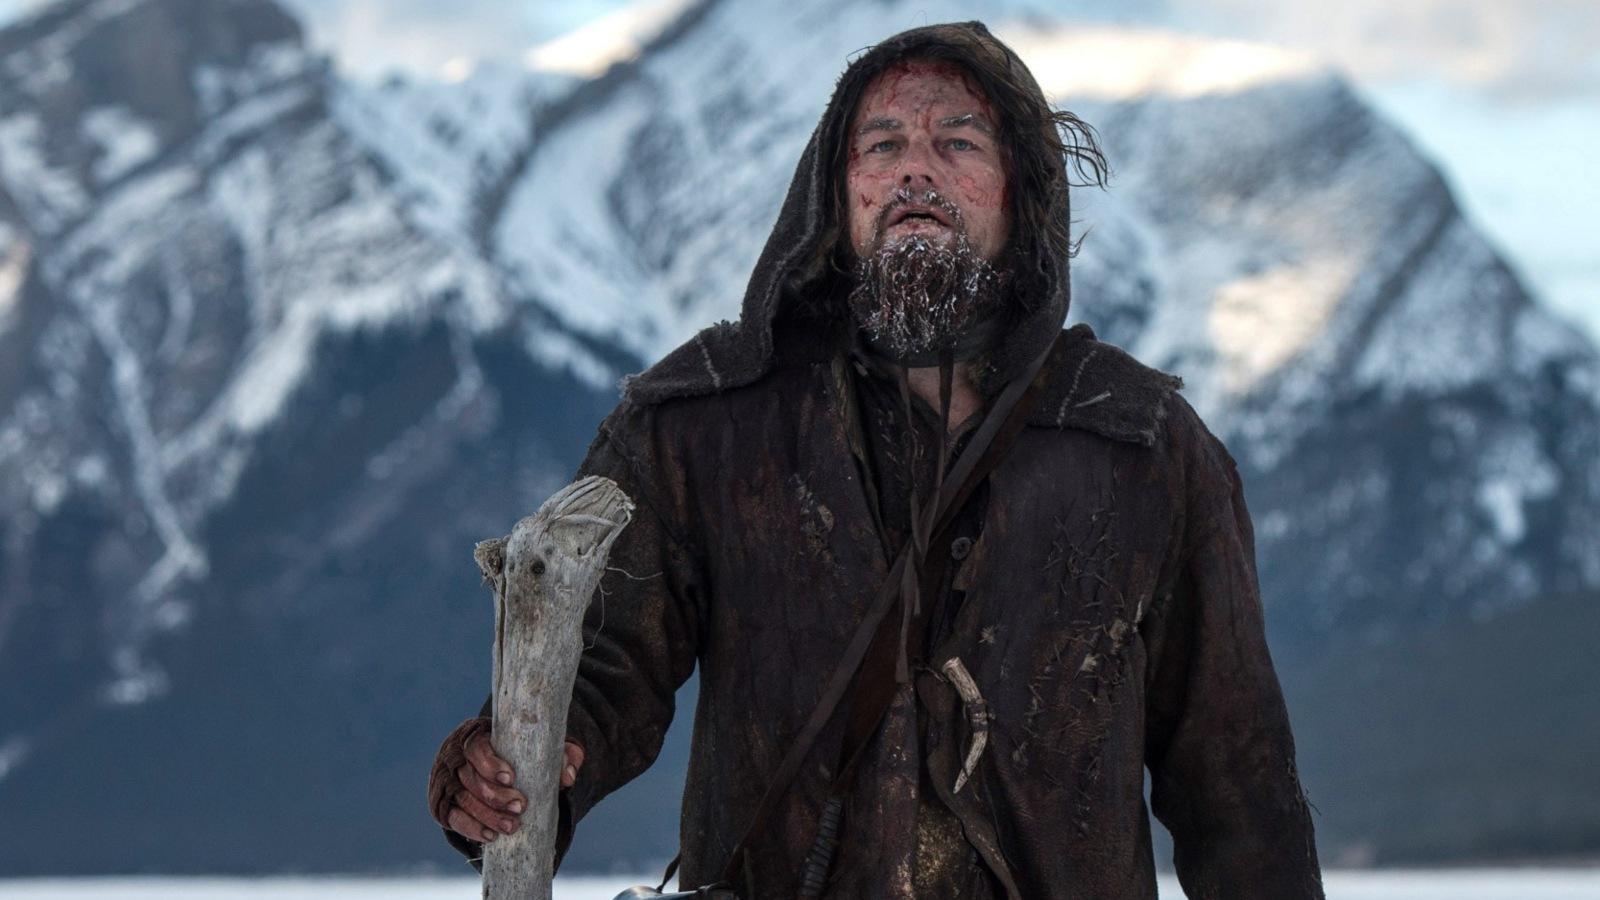 """Az Oscar-esélyes A visszatérő főhősének rengeteg megpróbáltatást kellett kiállnia és nagyfokú fájdalmat átélnie - de nem ő az egyetlen szereplő és nem ez az egyetlen film, ahol jellegzetesen sok a szenvedés. Összeszedtünk néhány kifejezetten jól sikerült alkotást, amikre szintén ráillik a mostanság divatos """"fájdalompornó"""" kifejezés. Ha tetszett A visszatérő, nézd meg ezeket is! (20th Century Fox)"""